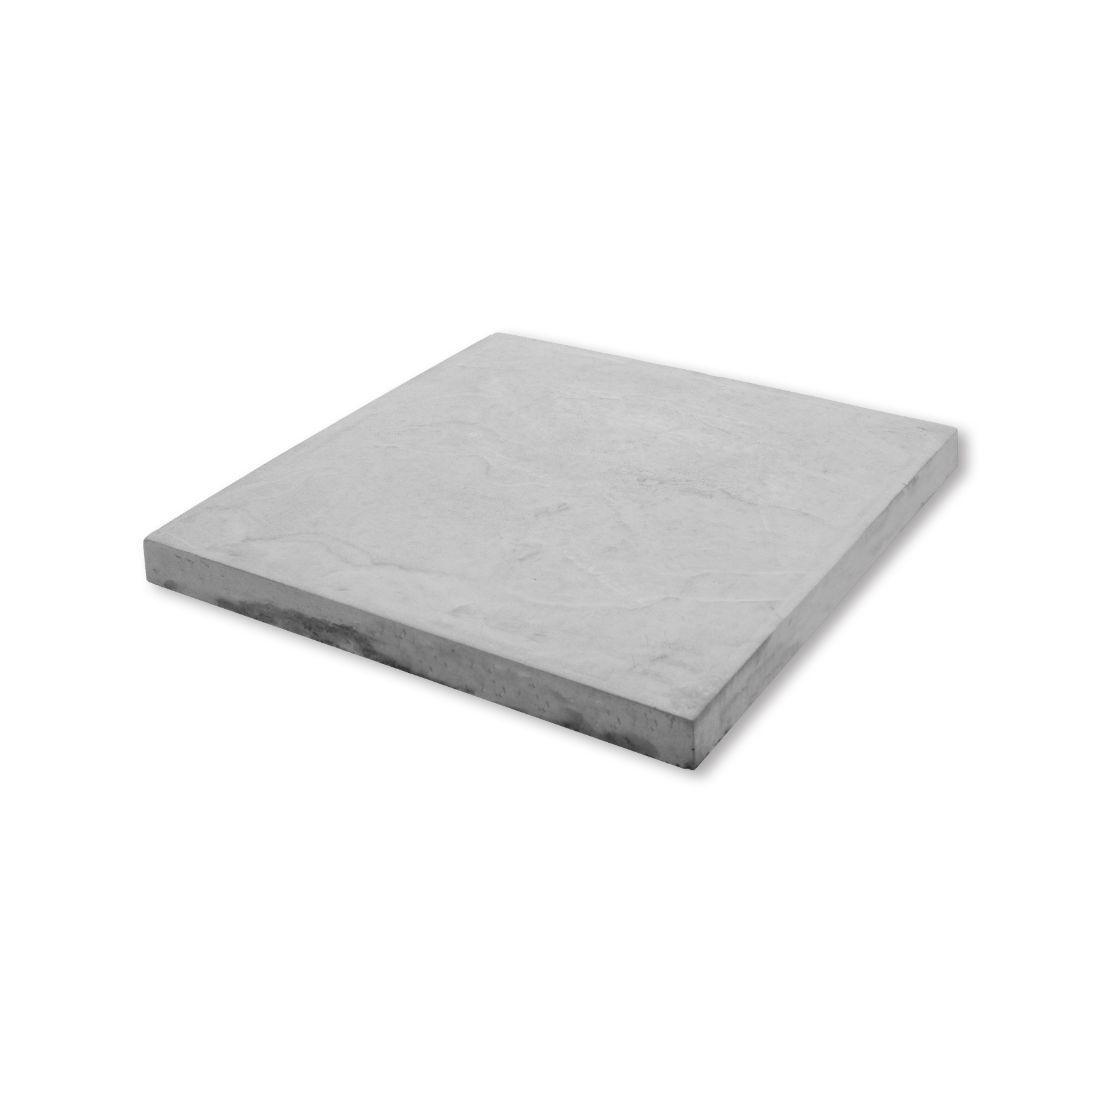 Romani Concrete Paver 300 x 300 x 37mm Natural Sands